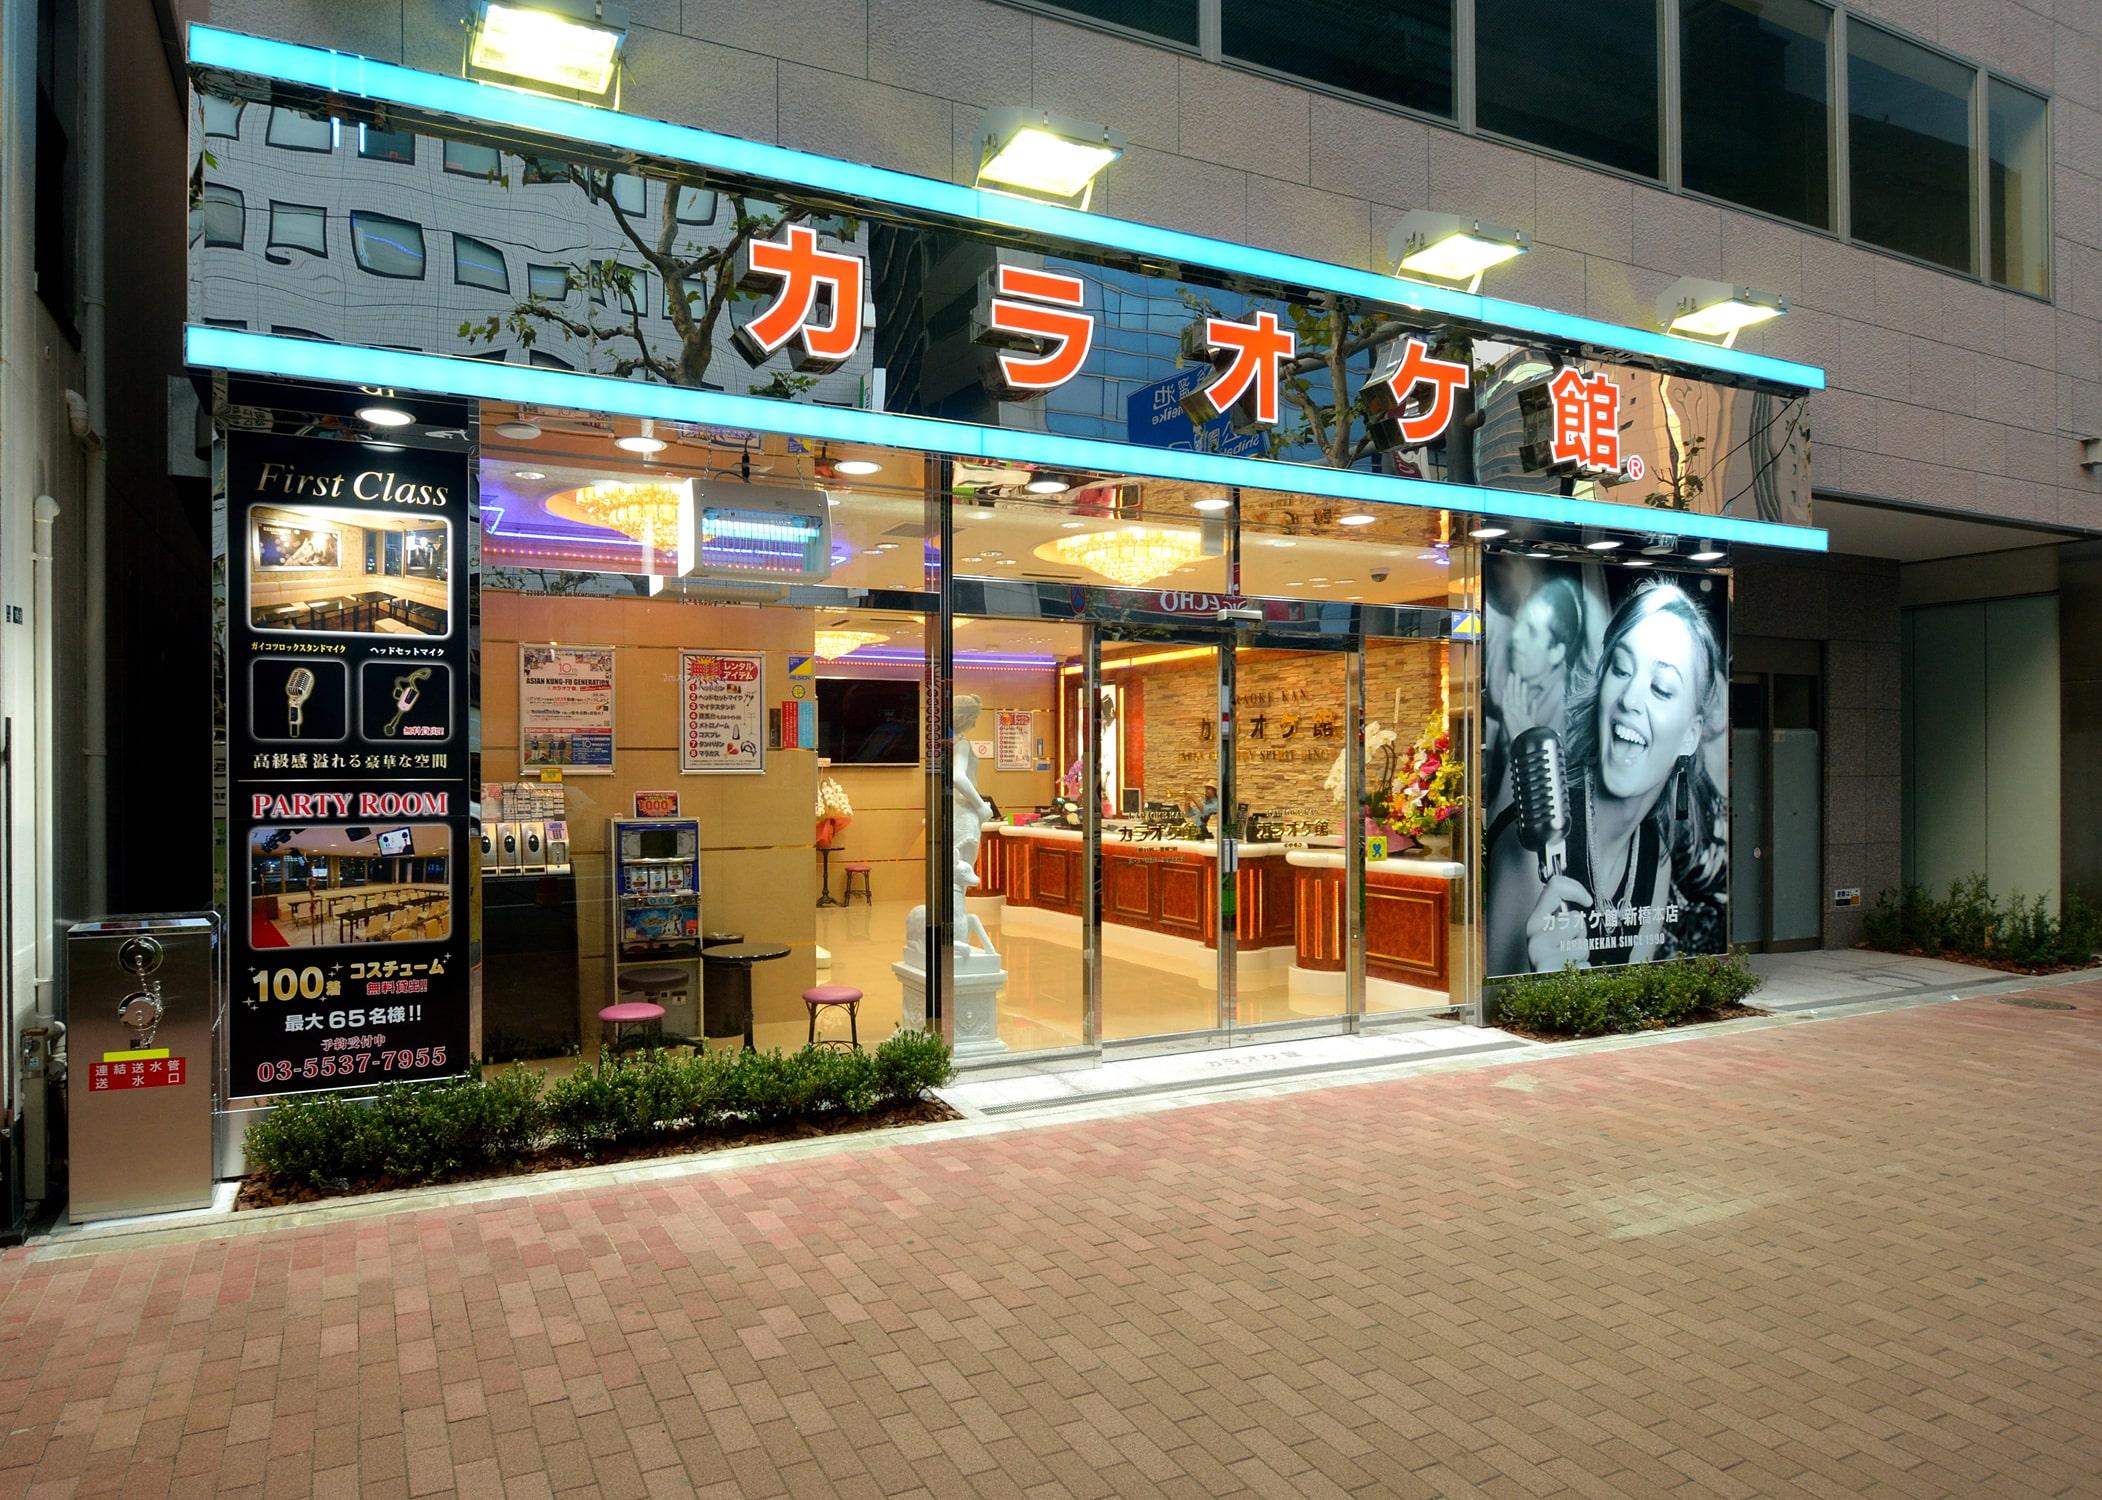 カラオケ館 カラ館レディース歌舞伎町店